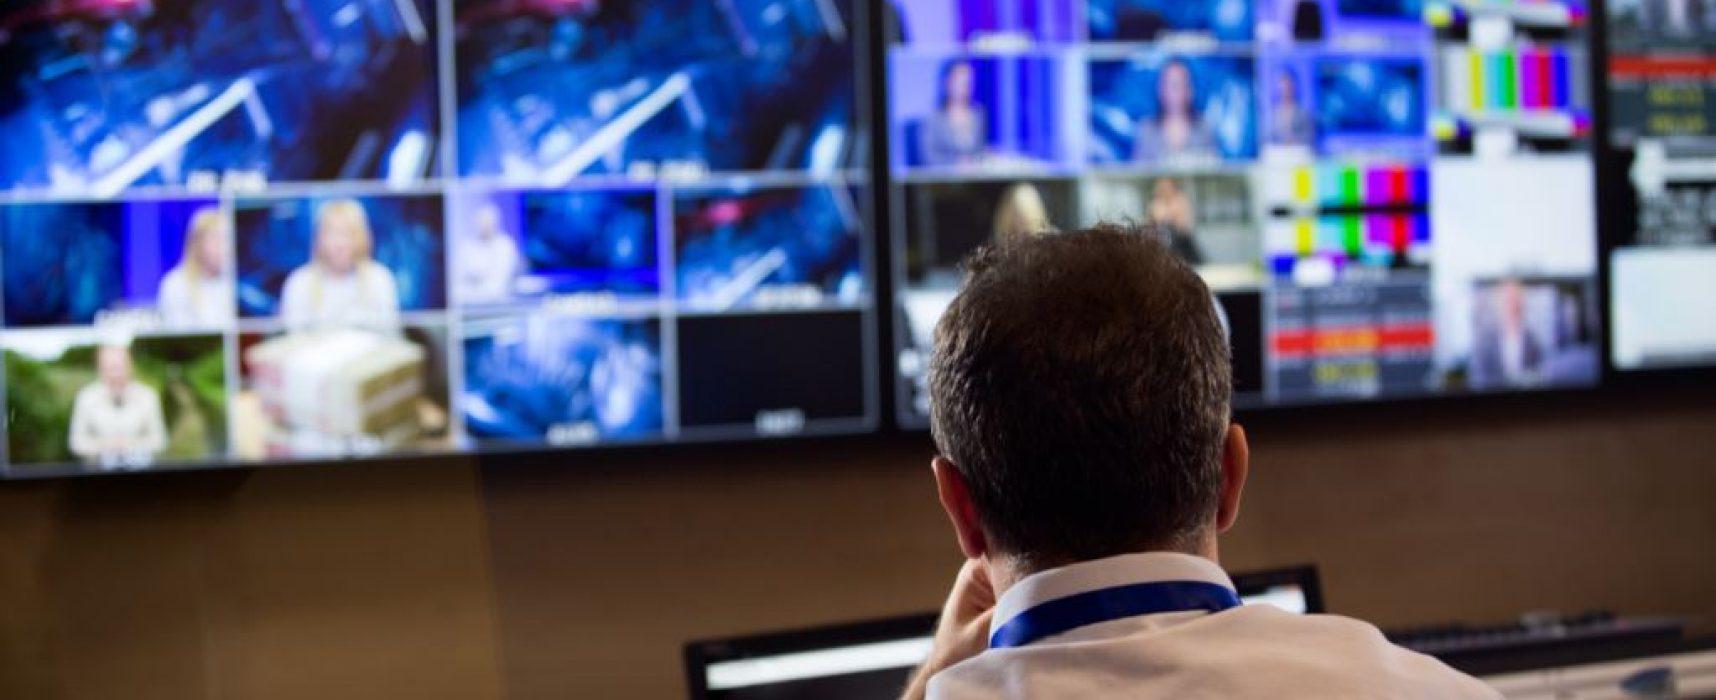 Севастополь меняет информационную политику